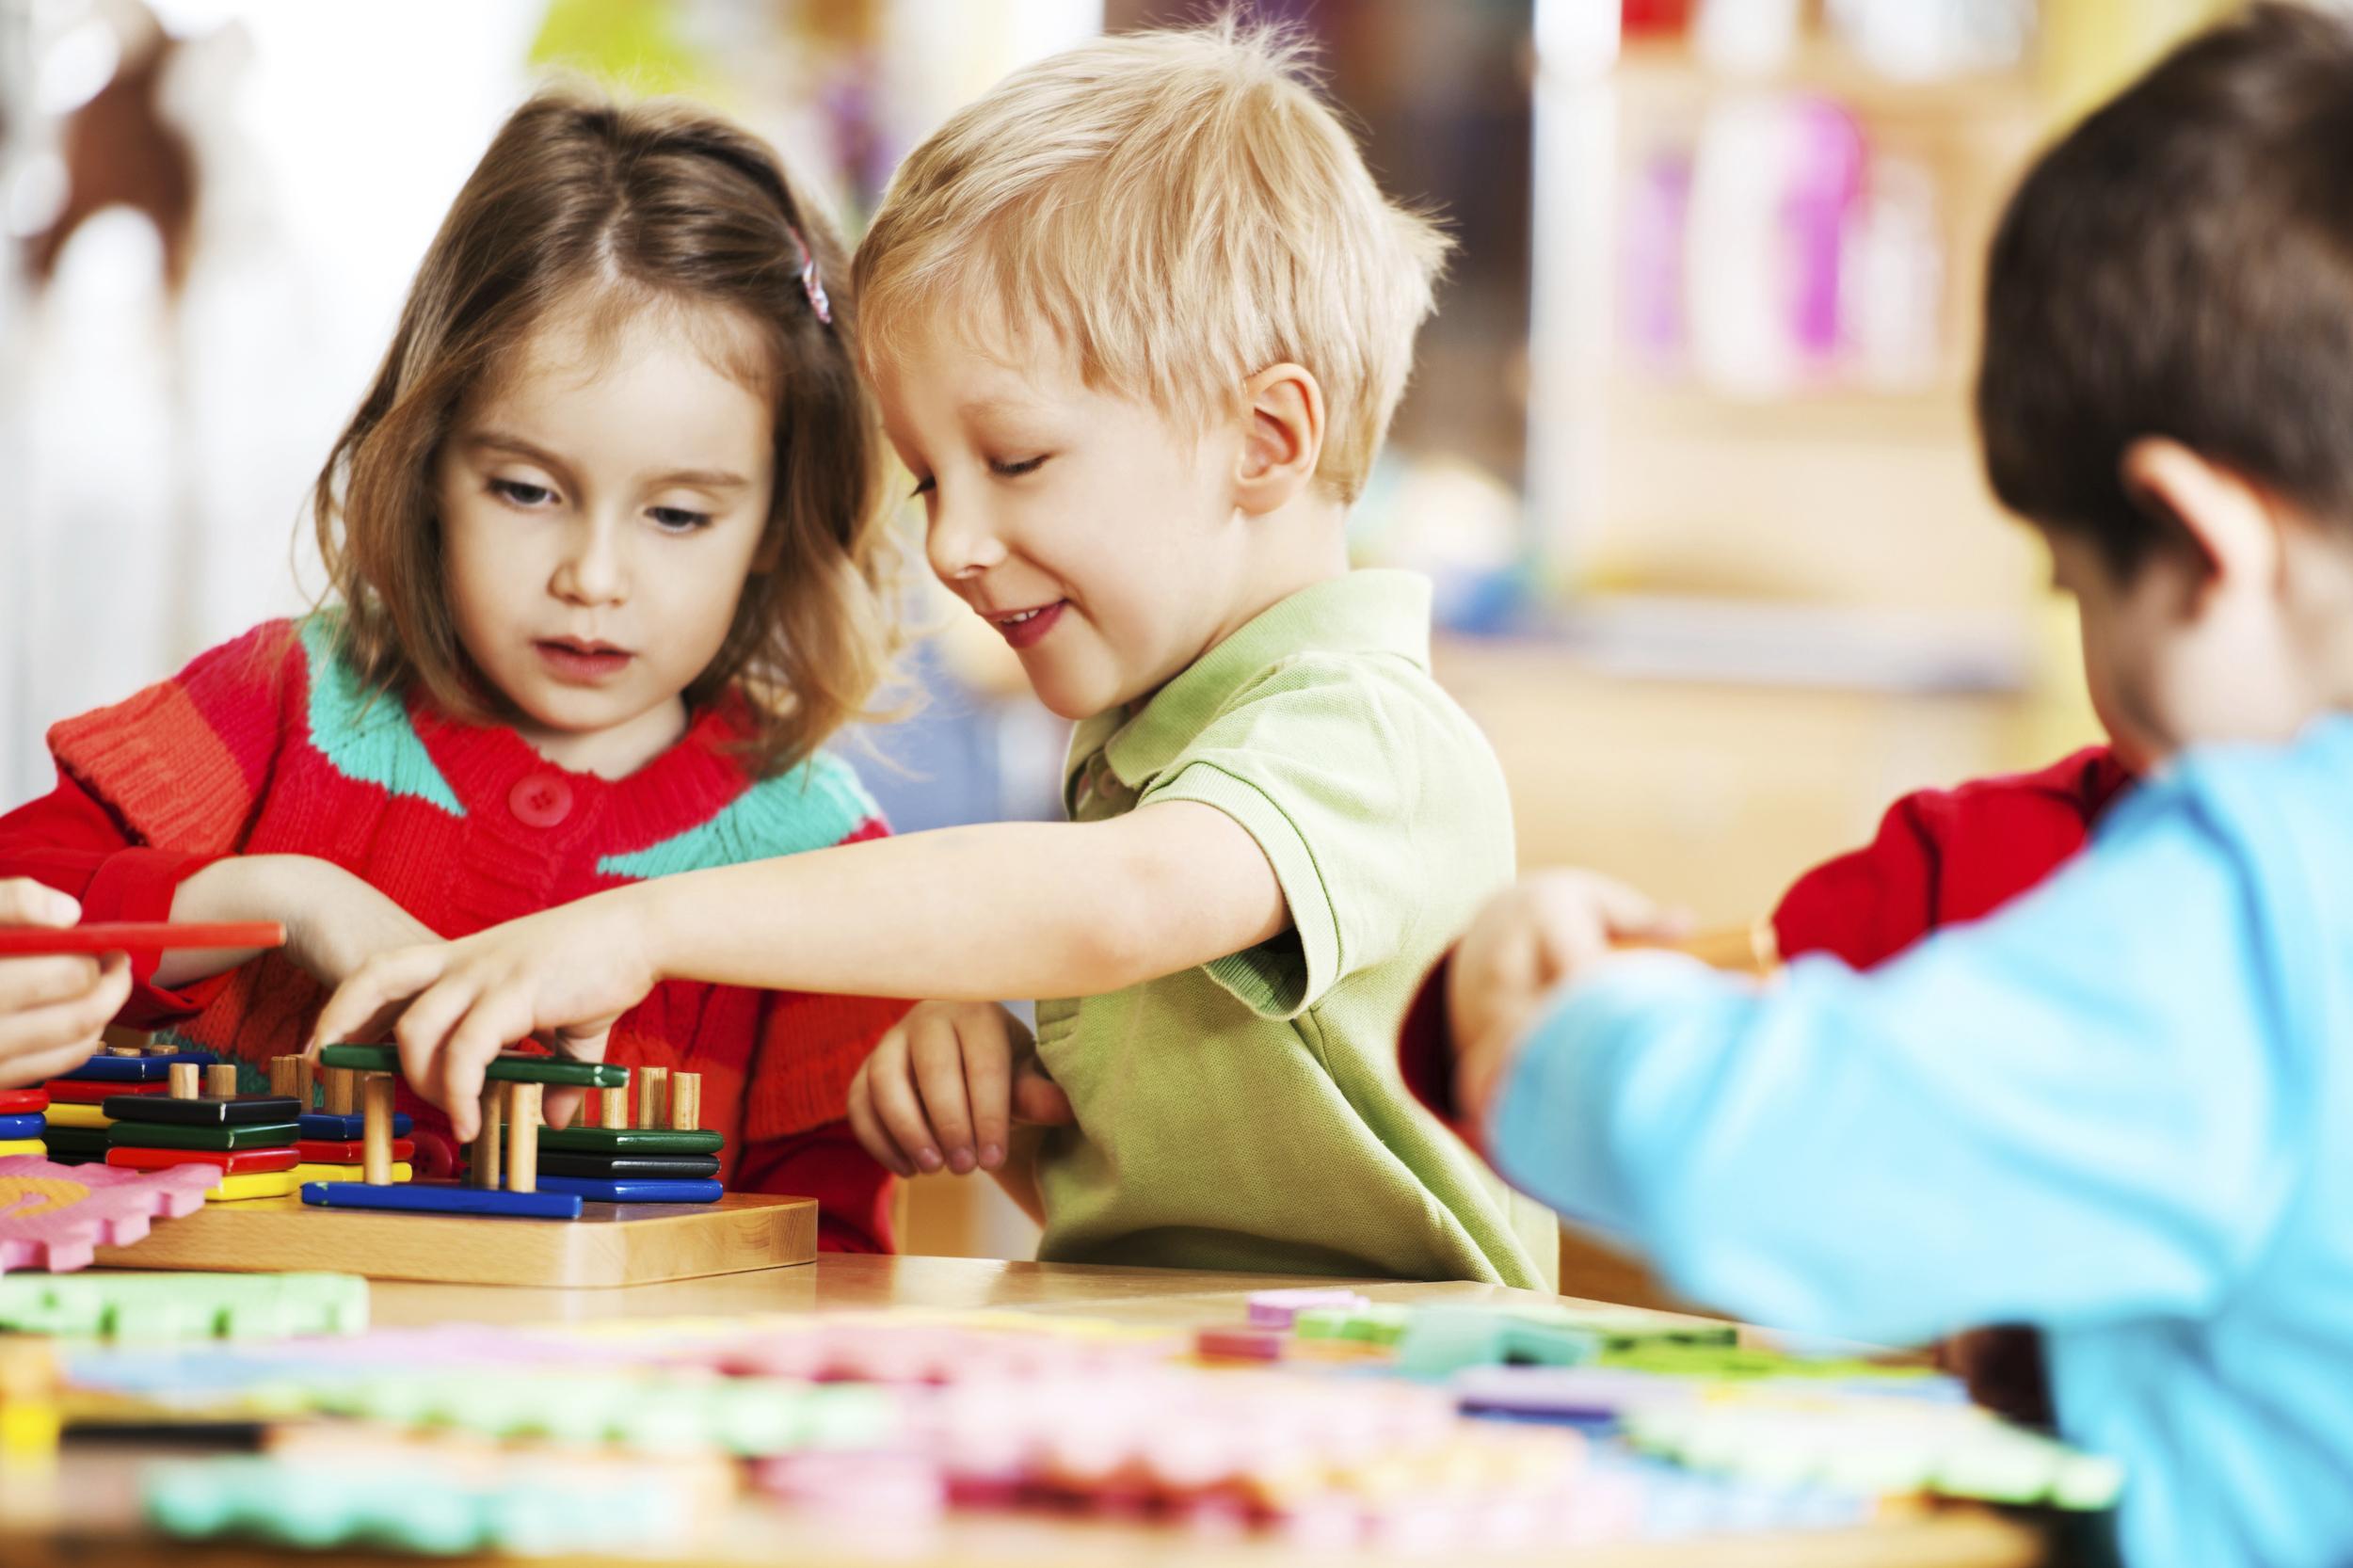 Η συμβολή του παιχνιδιού στην ανάπτυξη του λόγου του παιδιού